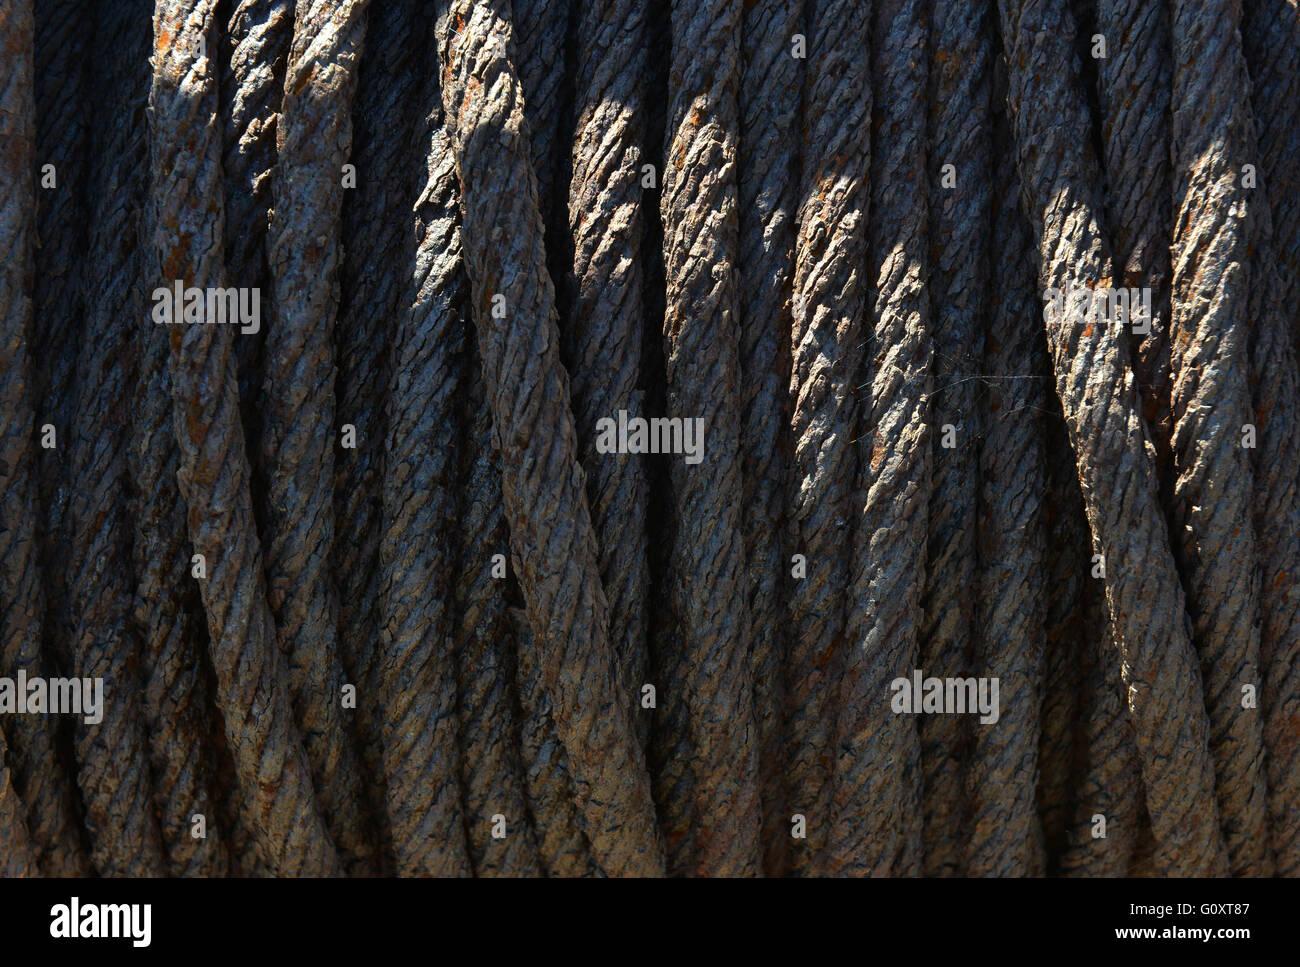 Rusty metal corde sur Vieux Treuil bateau Photo Stock